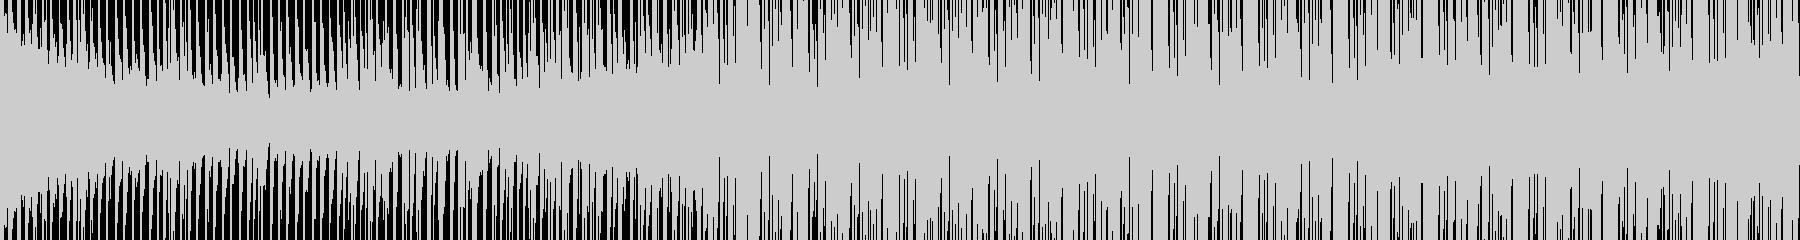 ハウス ダンス プログレッシブ ア...の未再生の波形